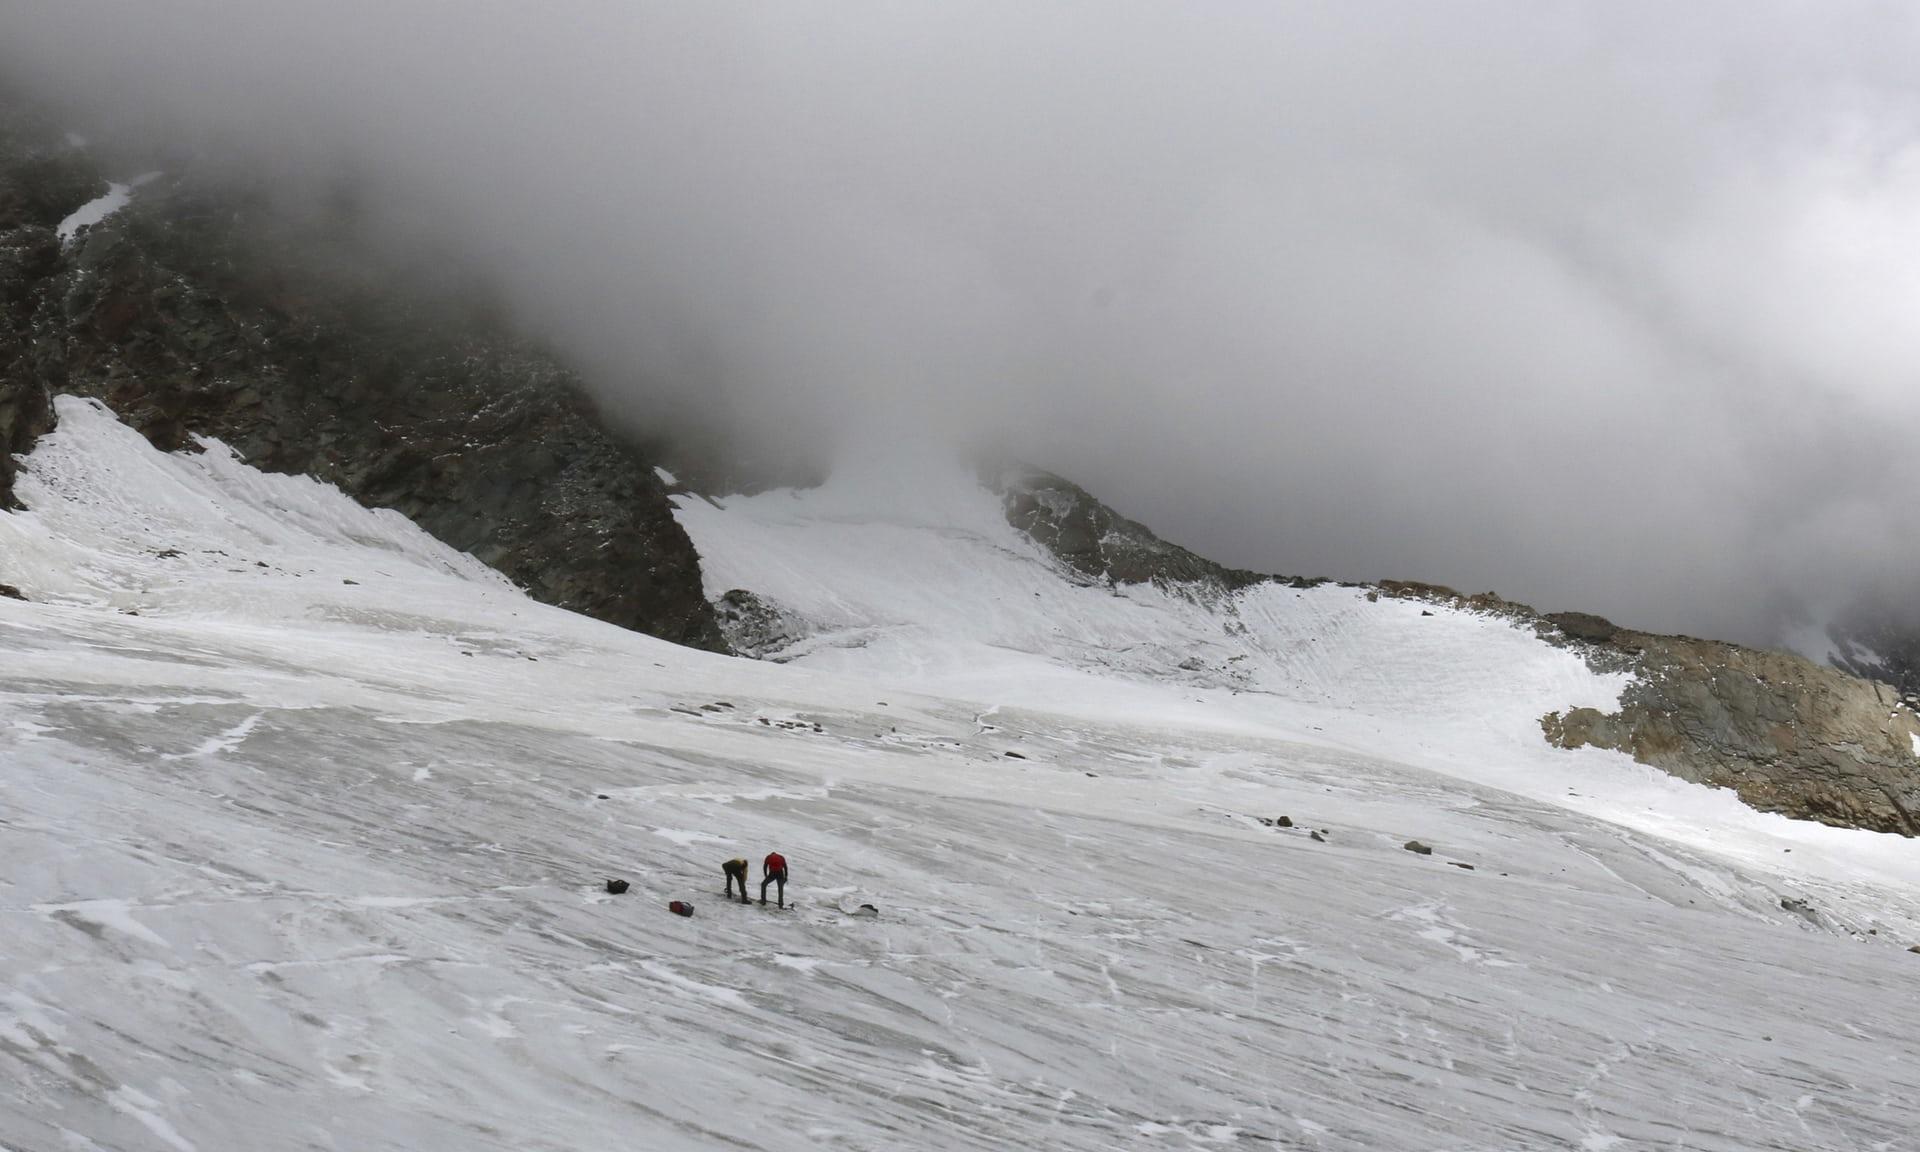 Сотни мумифицированных тел появятся вАльпах из-за таяния ледников